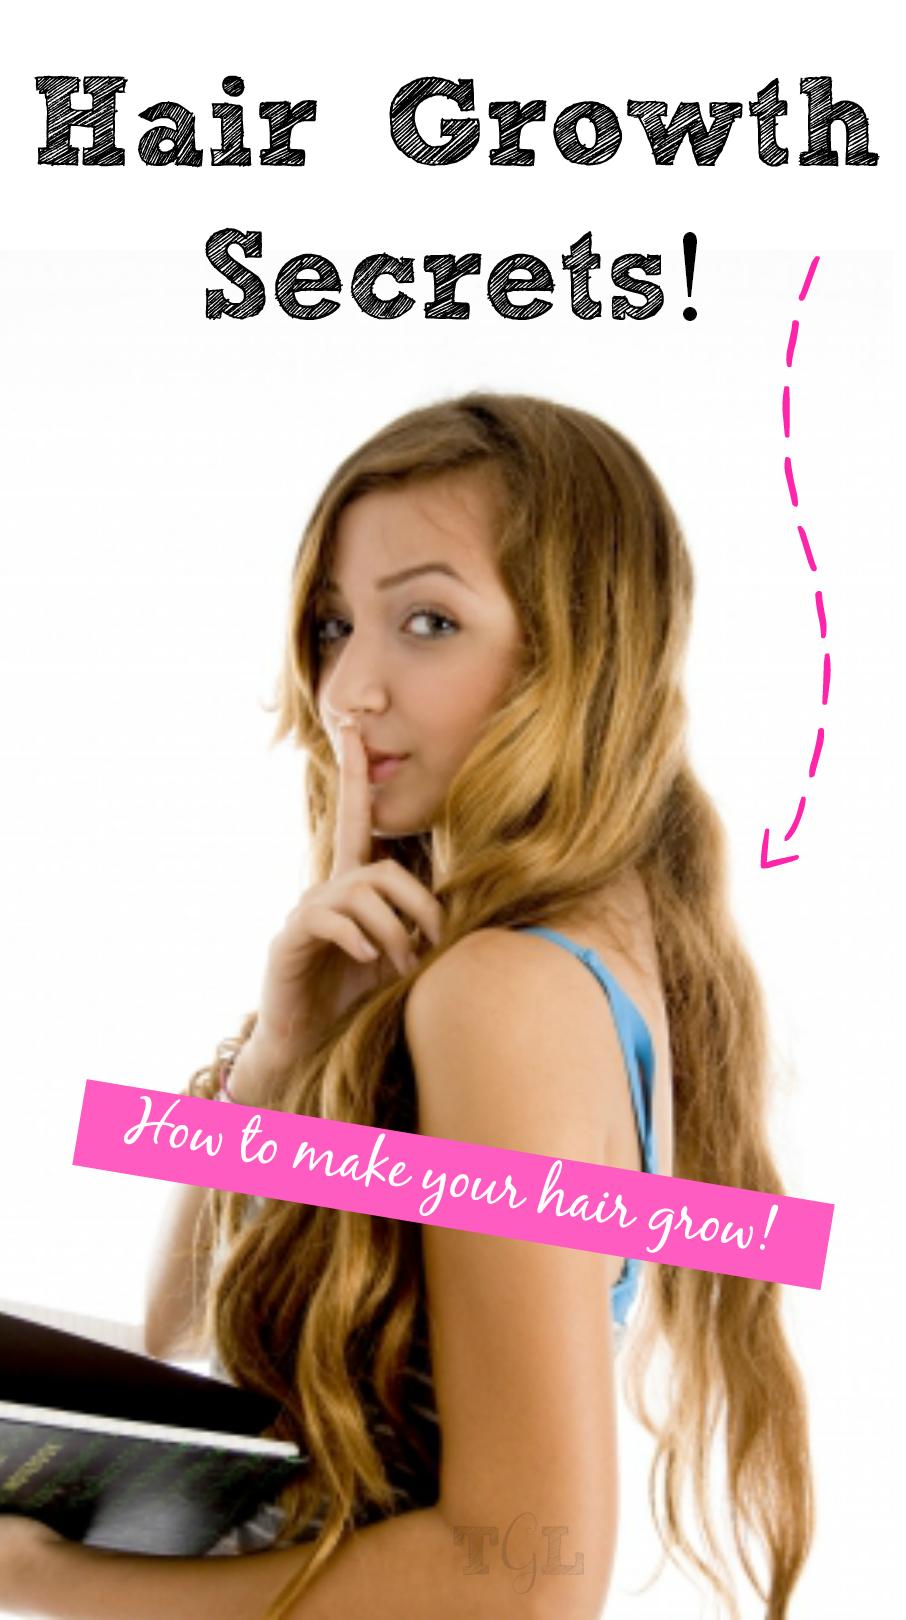 Langt hår Vækst hemmeligheder og tips til at gøre det vokse-2932